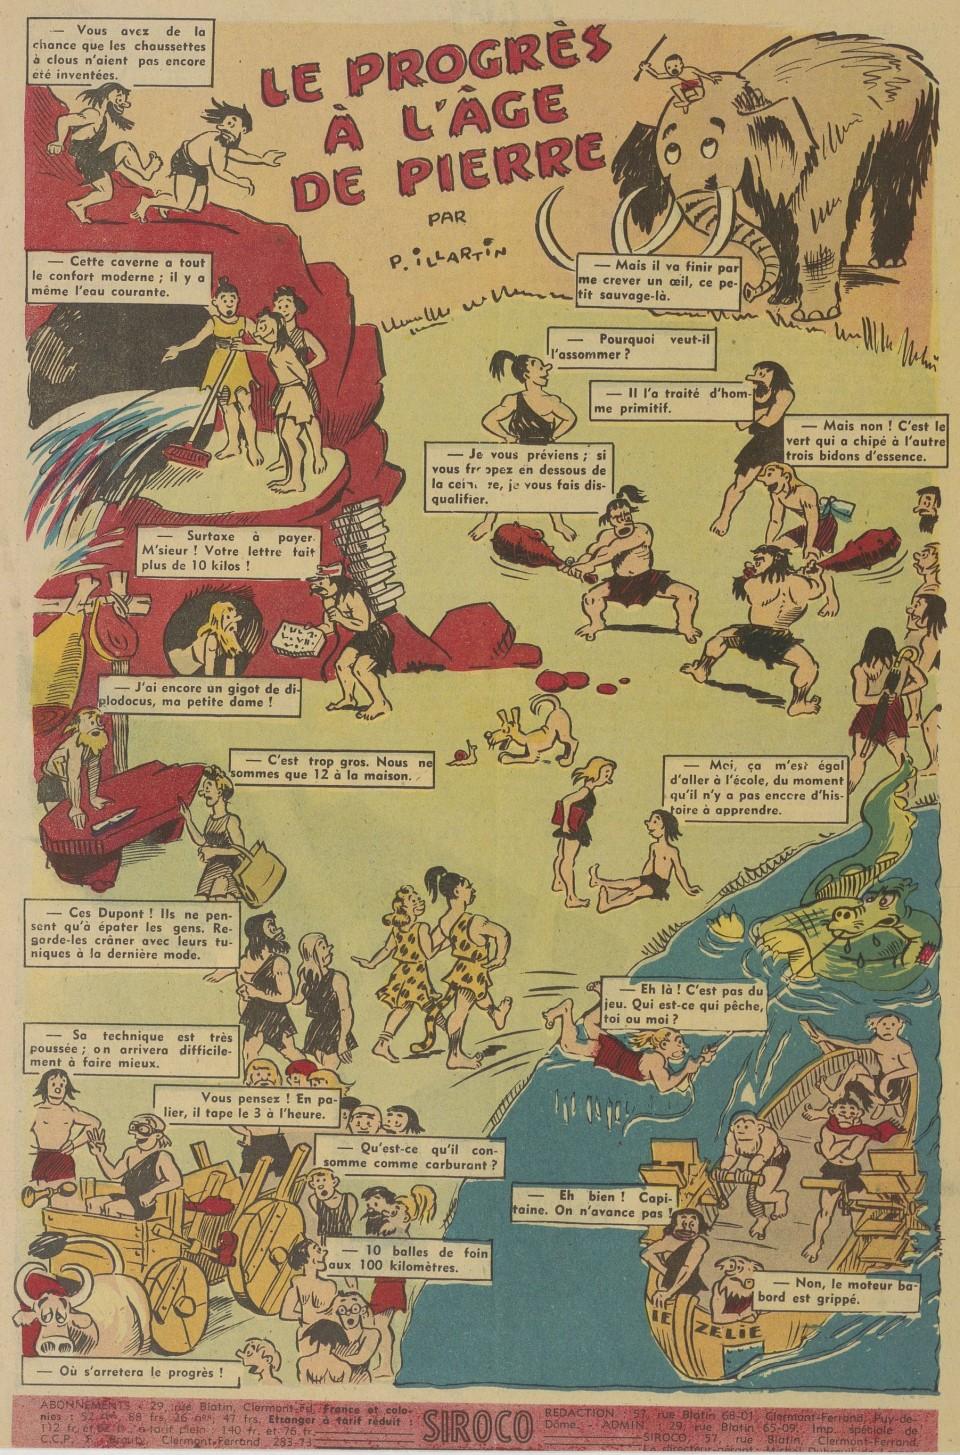 P. Illartin - Le Progrès à l'âge de pierre (1943)